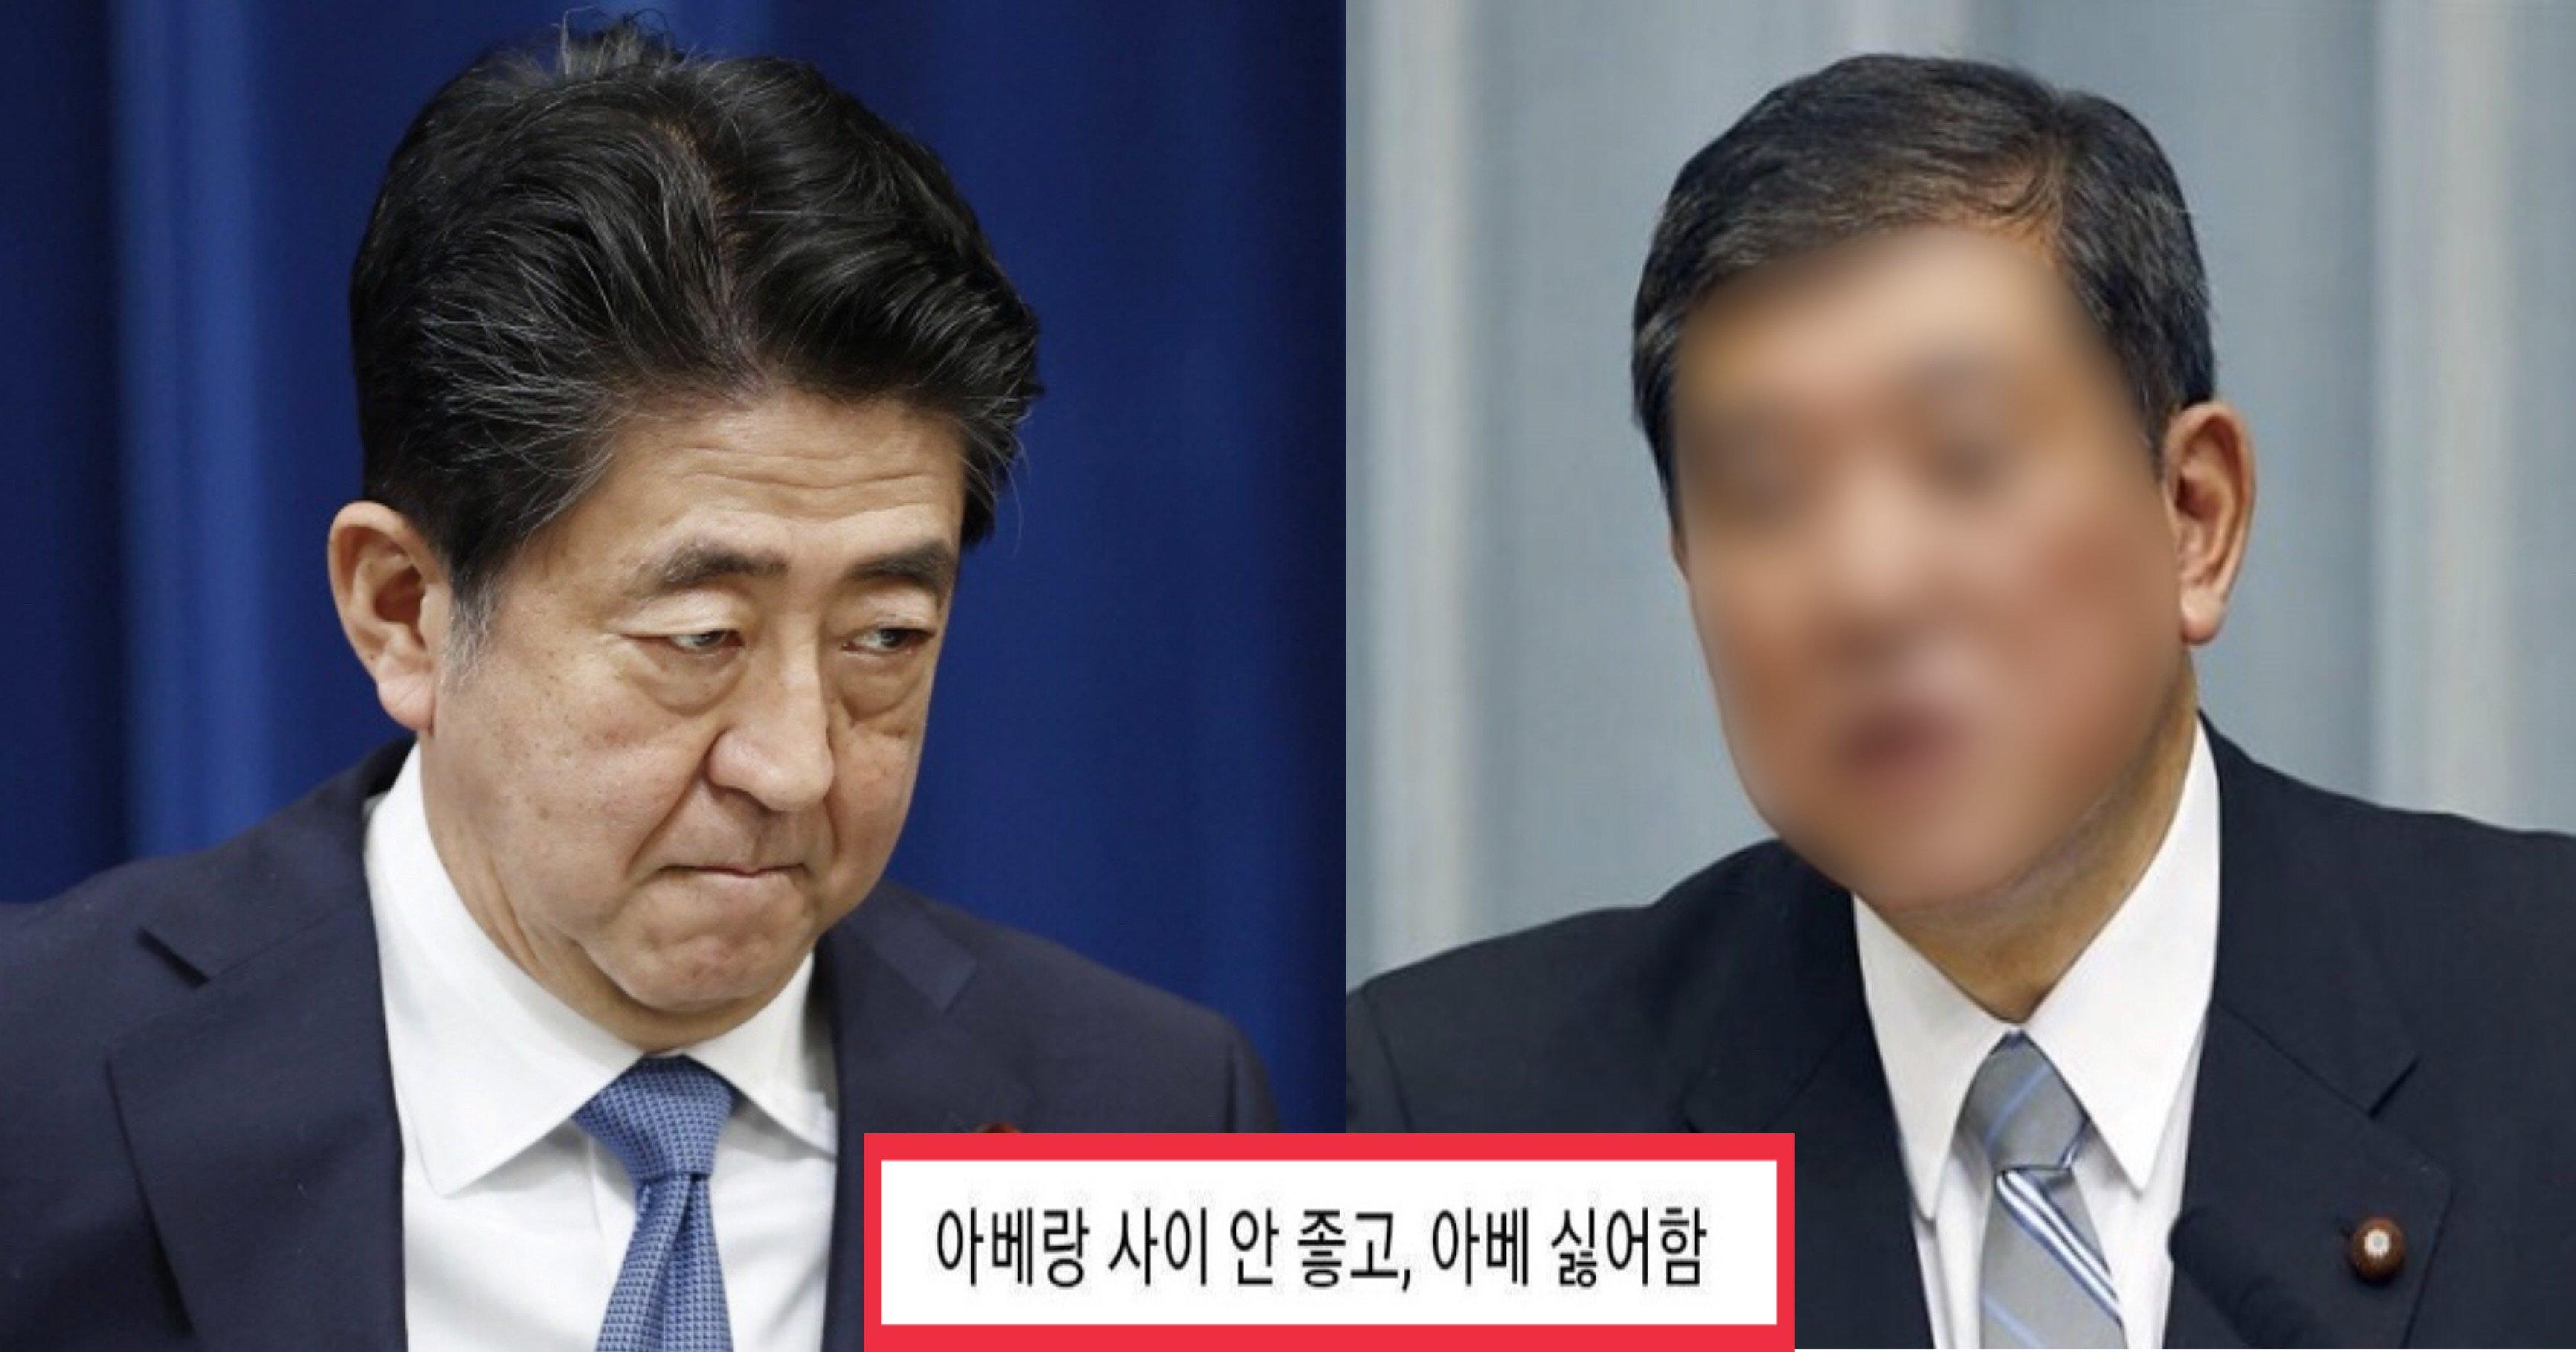 """e02e2bcb 566d 463b 8676 c1151f786f59.jpeg?resize=1200,630 - """"전 아베 싫어해요""""....사퇴한 아베 뒤를 이을 일본 새 총리 선호도 1위의 정체"""